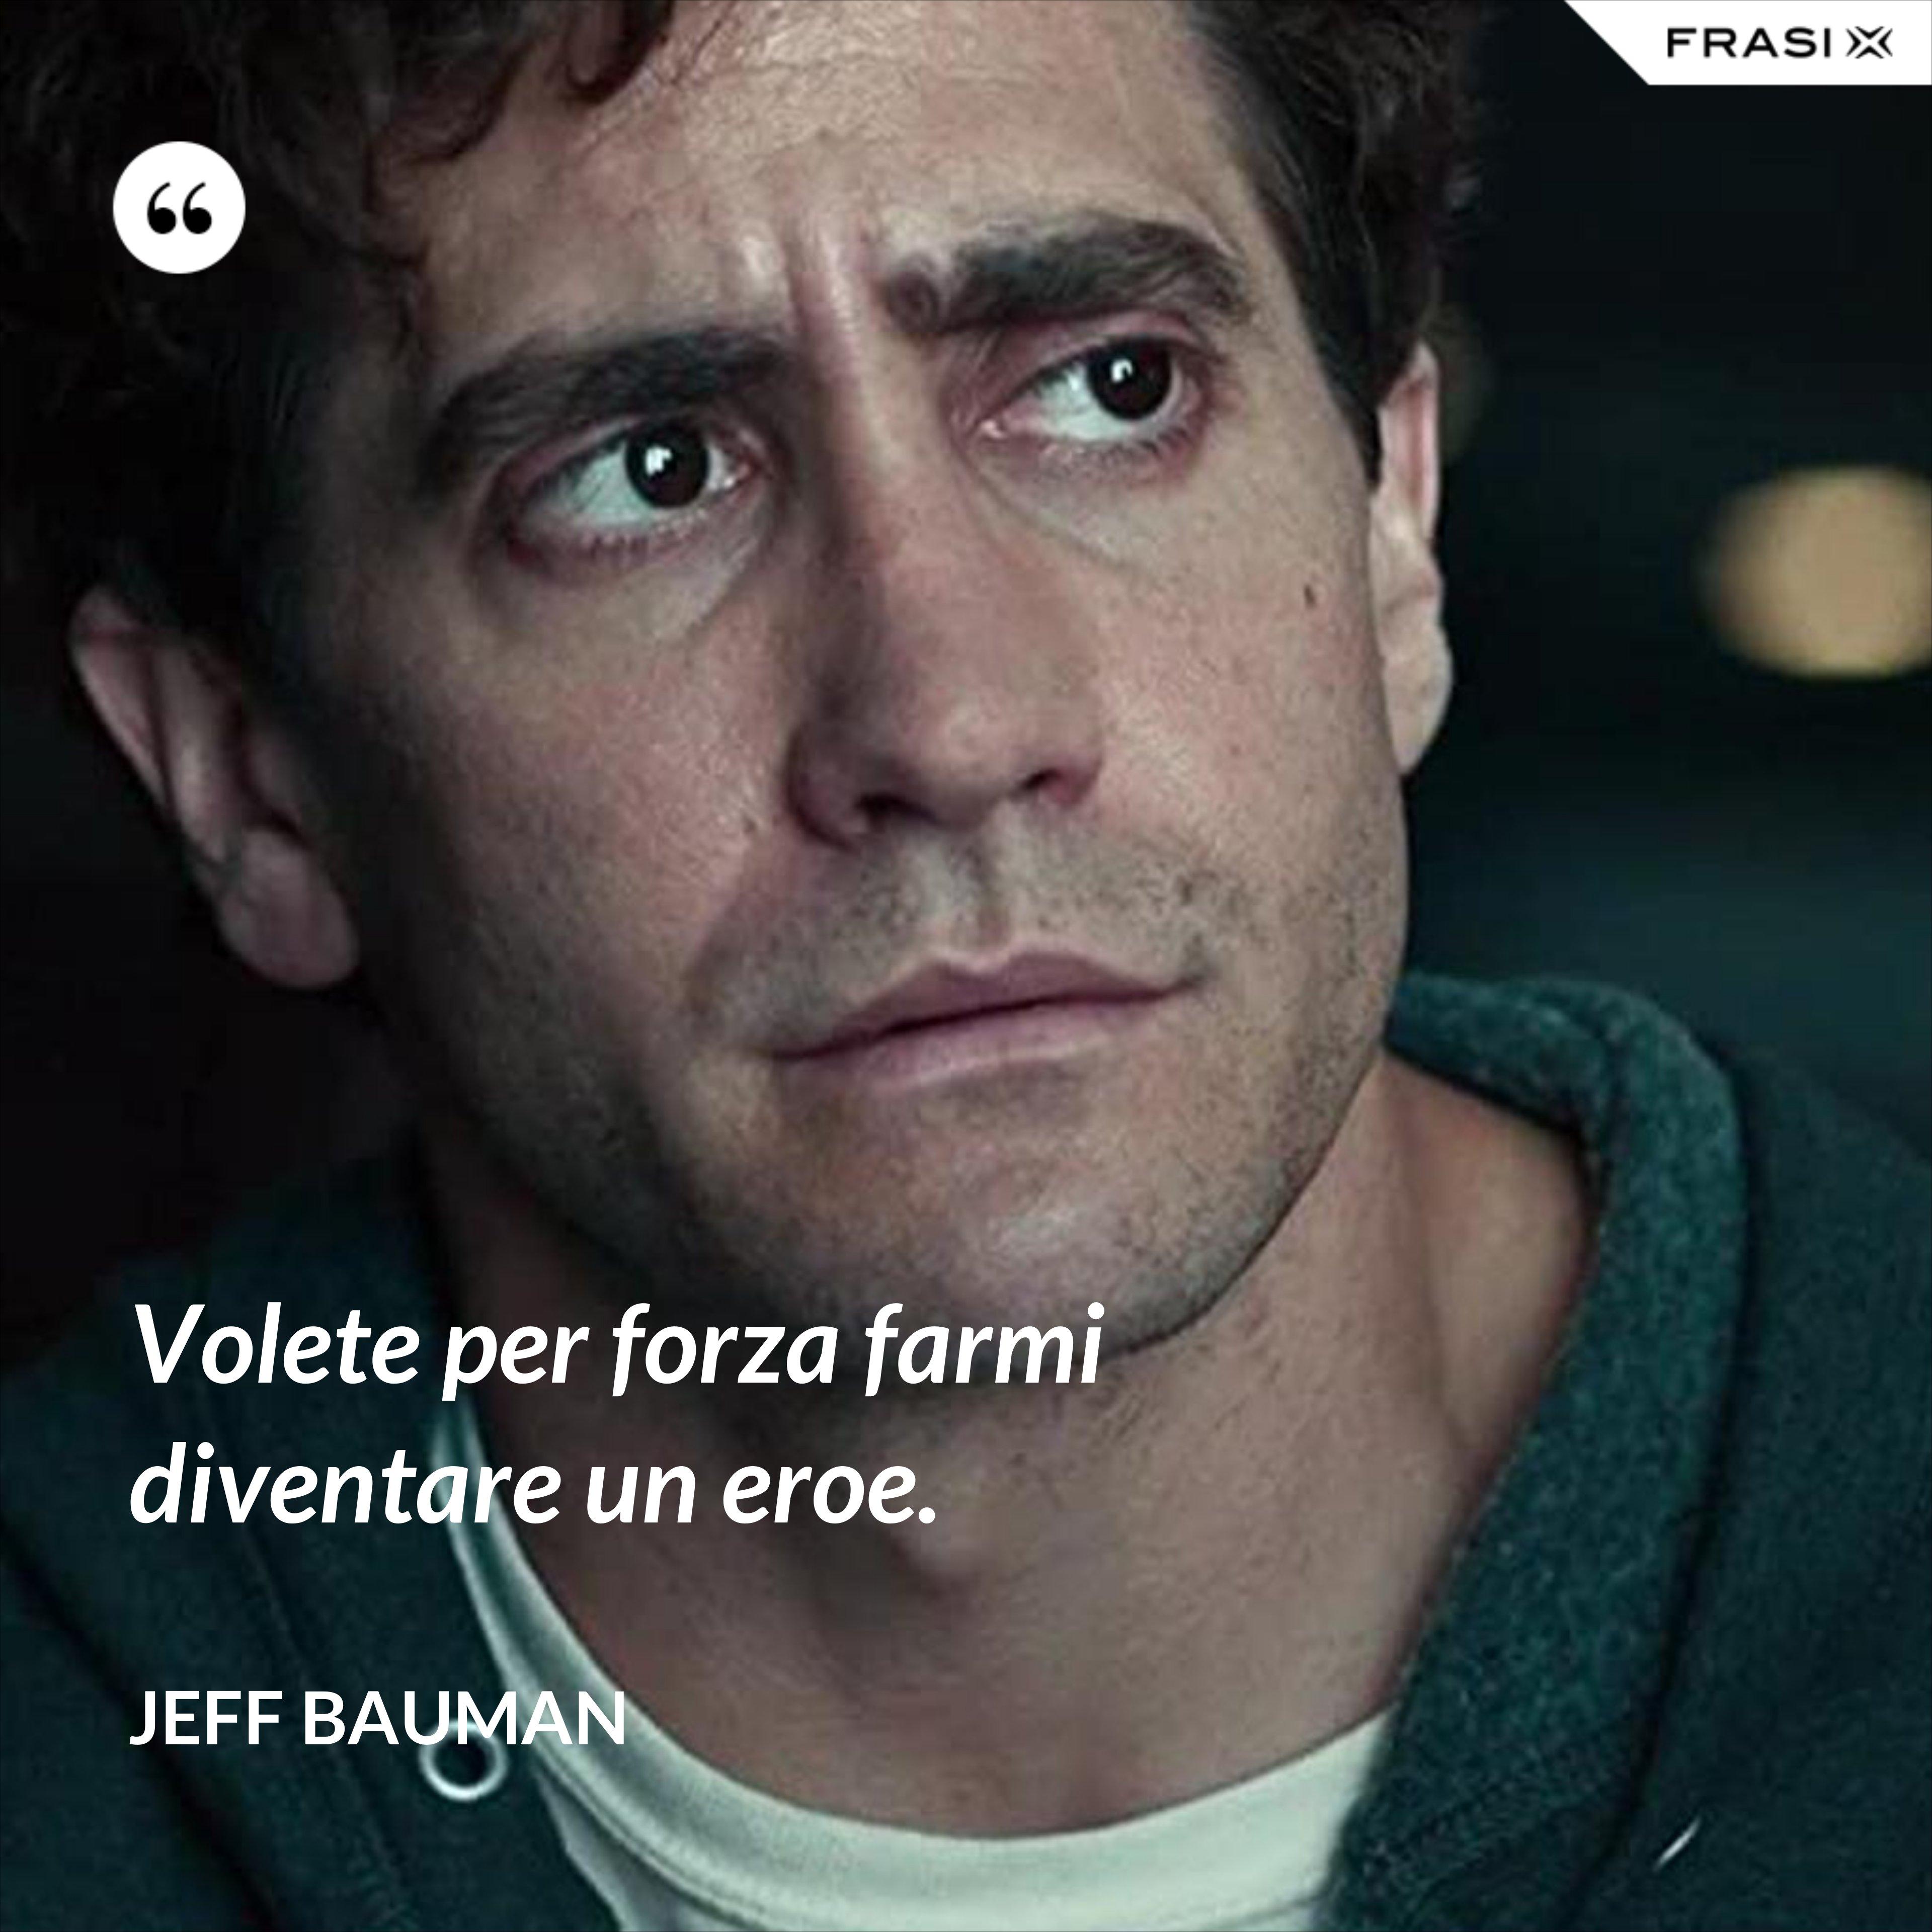 Volete per forza farmi diventare un eroe. - Jeff Bauman